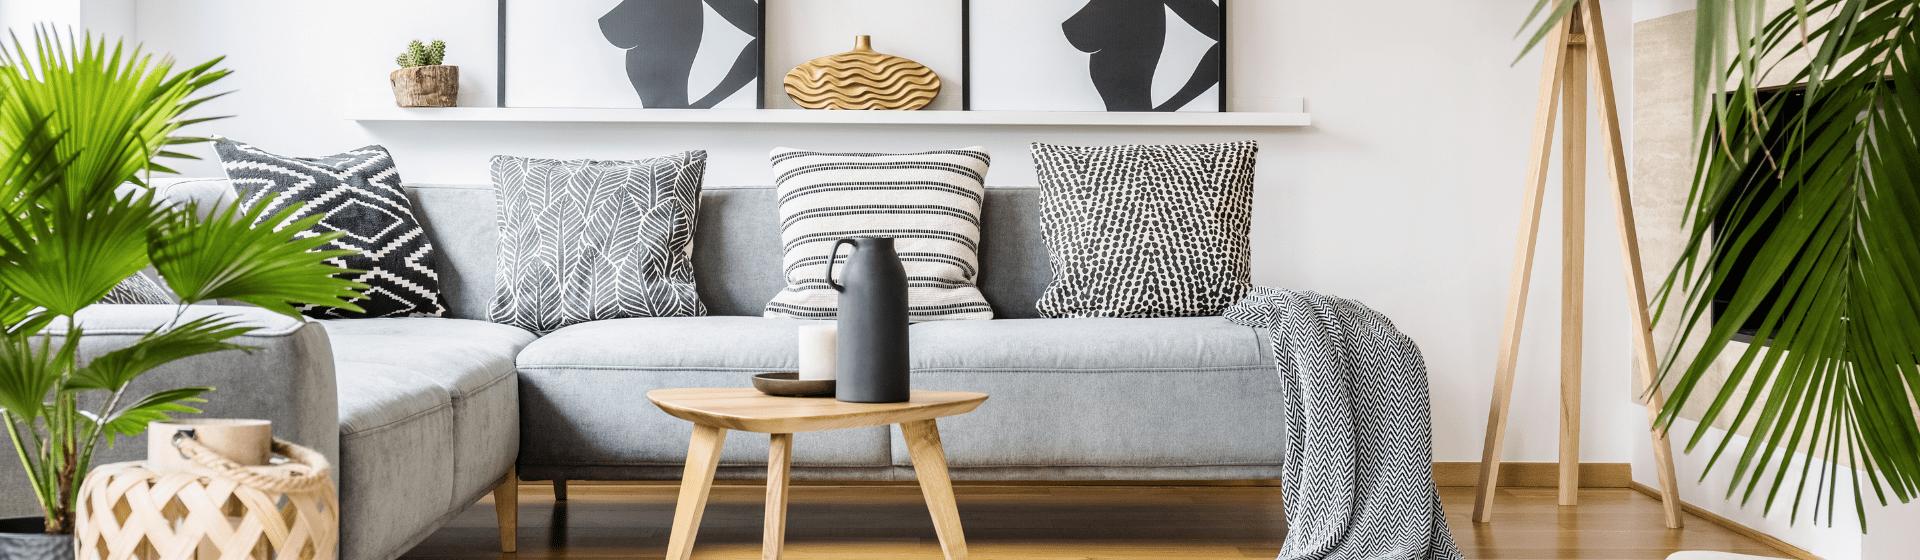 Decoração 2021: como decorar sala pequena?